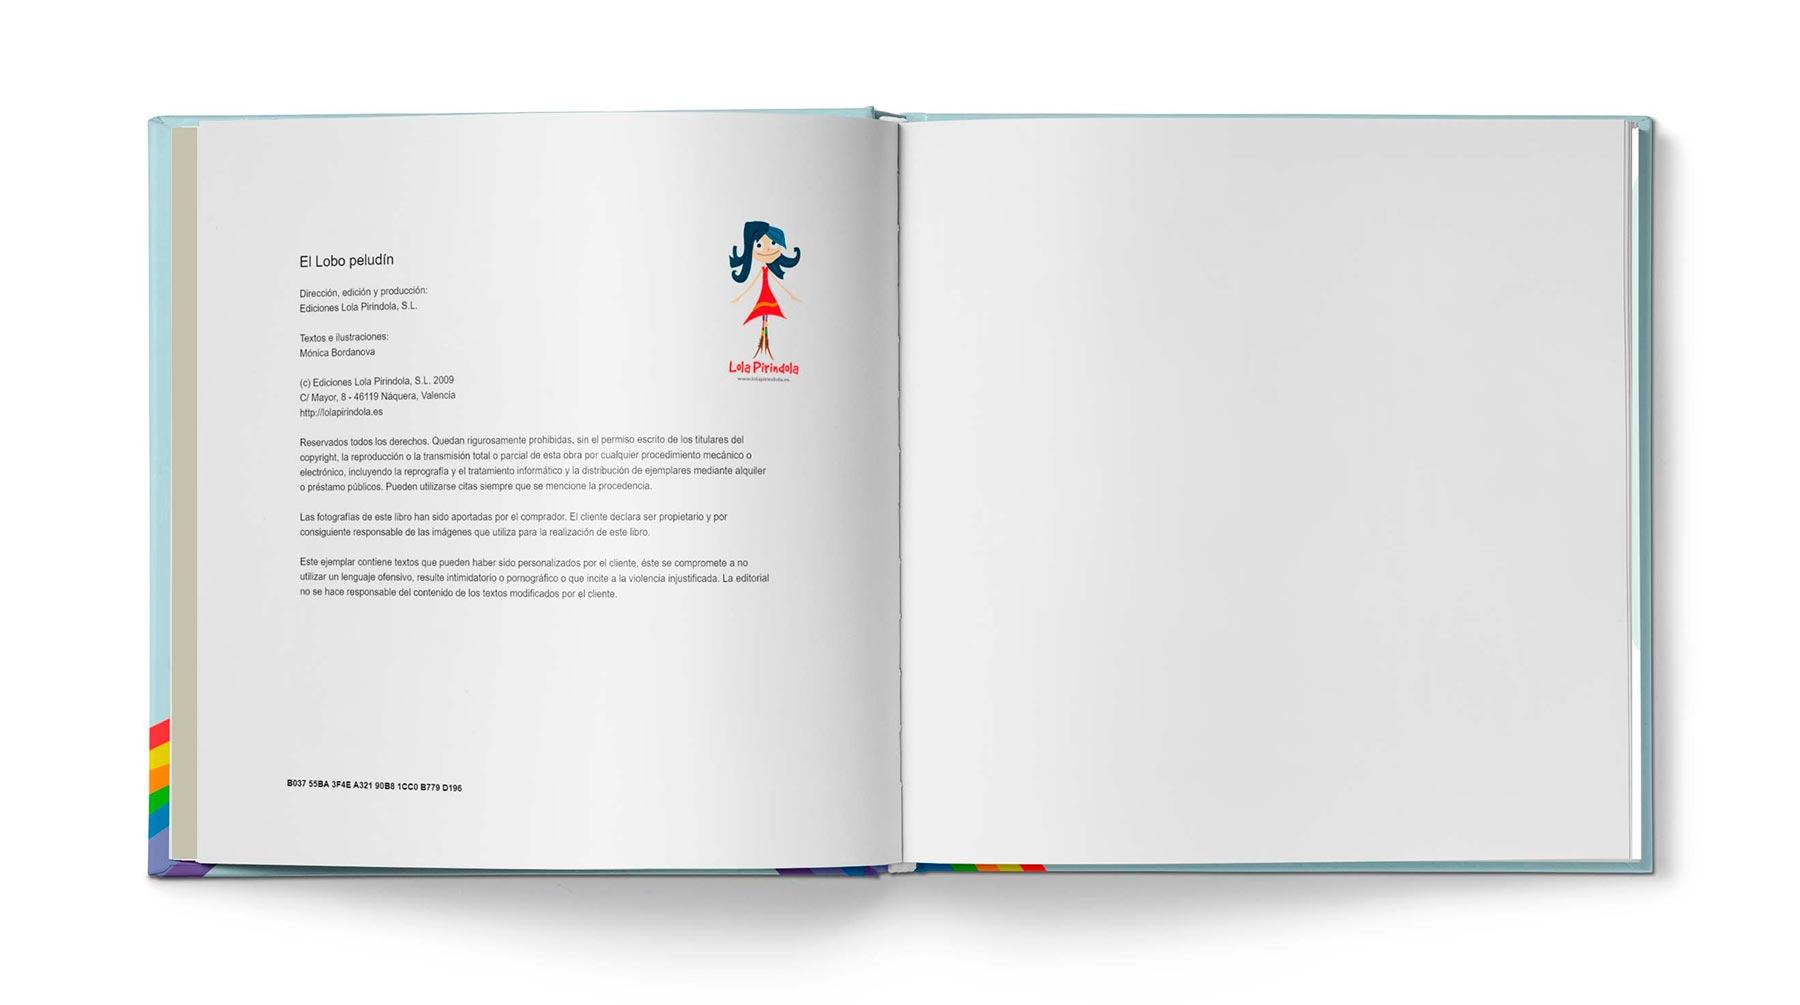 Cuento Colección peques - Imagen 25